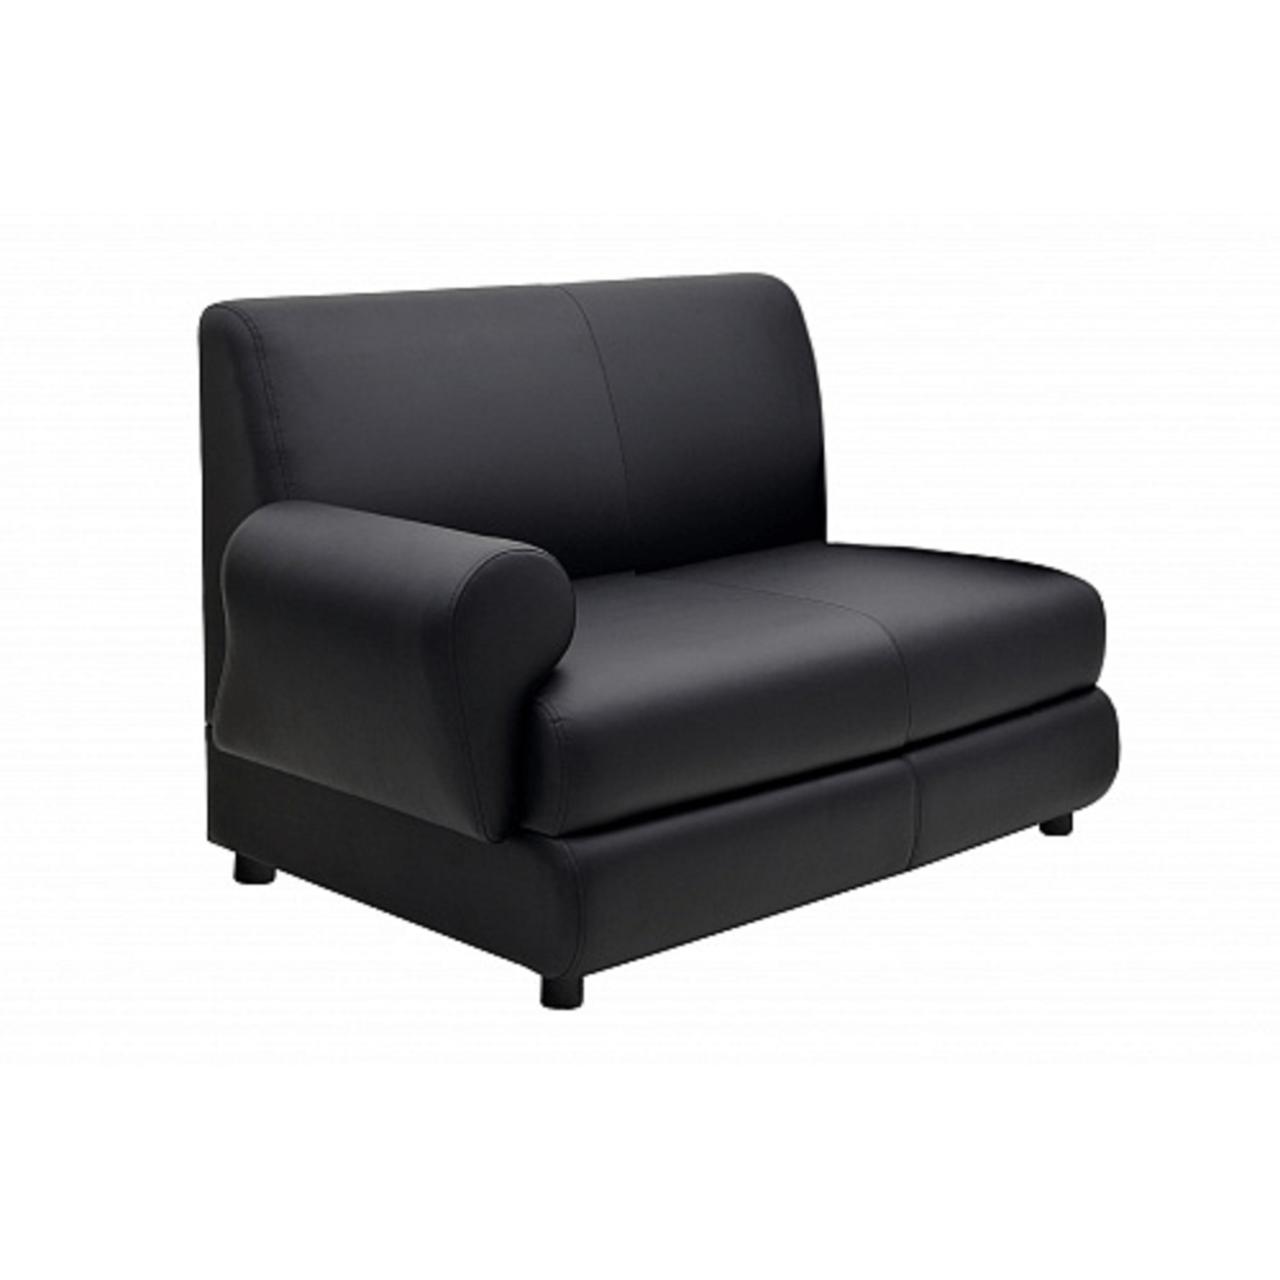 2-х местная диванная секция с подлокотником прав  M-04 Берн 130x82x85 - фото 1